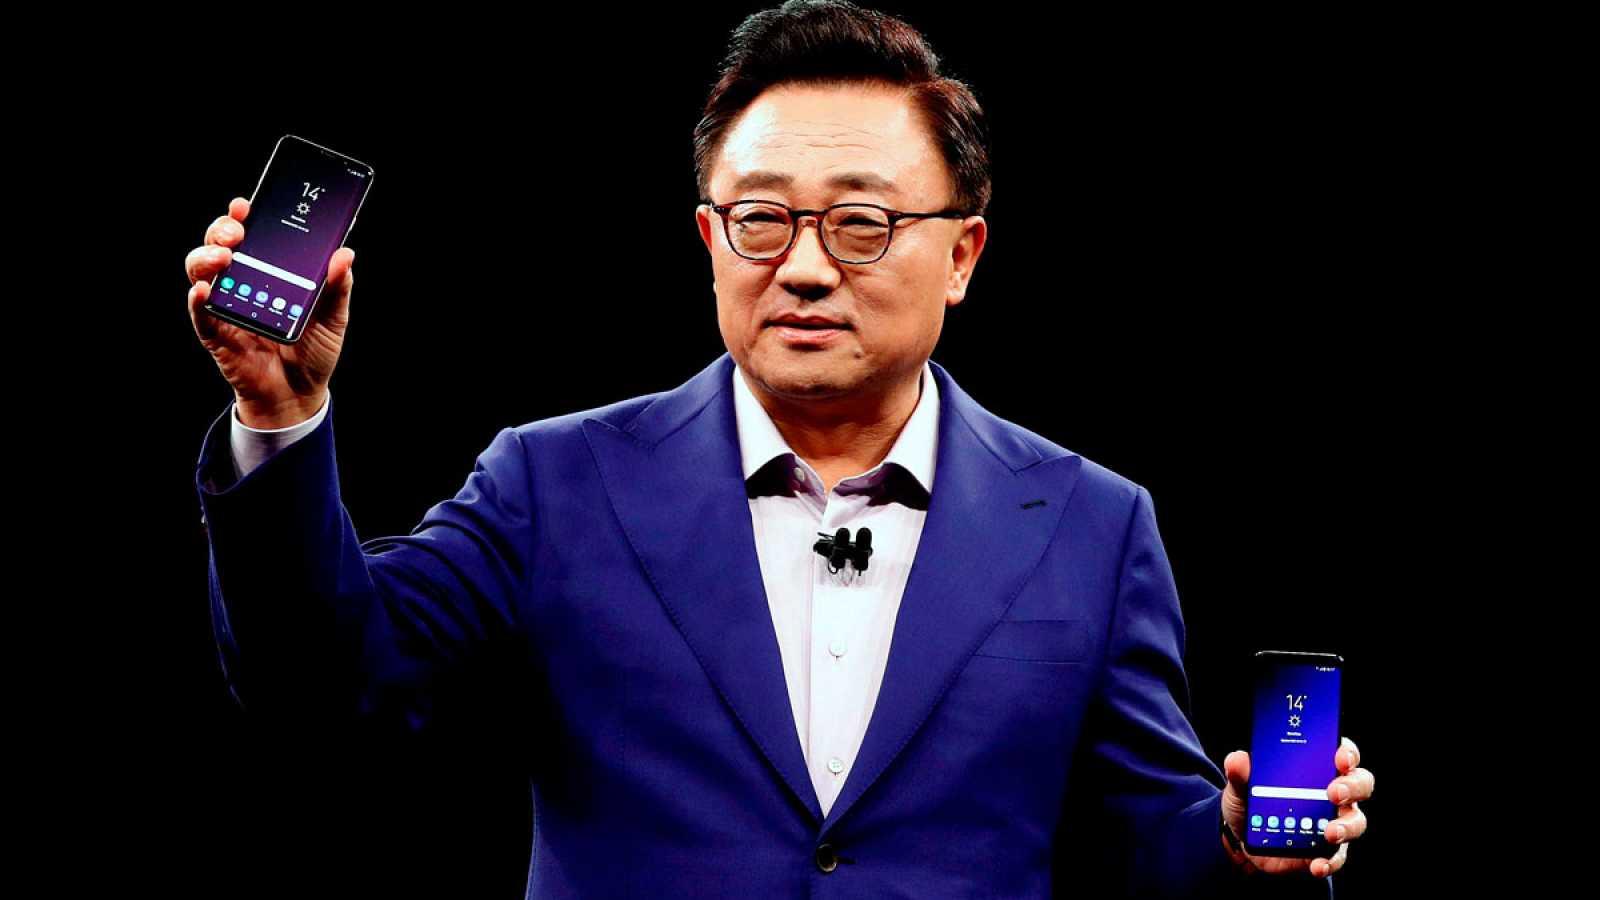 El presidente de Samsung, DJ Koh, muestra los nuevos terminales de la compañia coreana, el S9 y el S9 Plus (i)